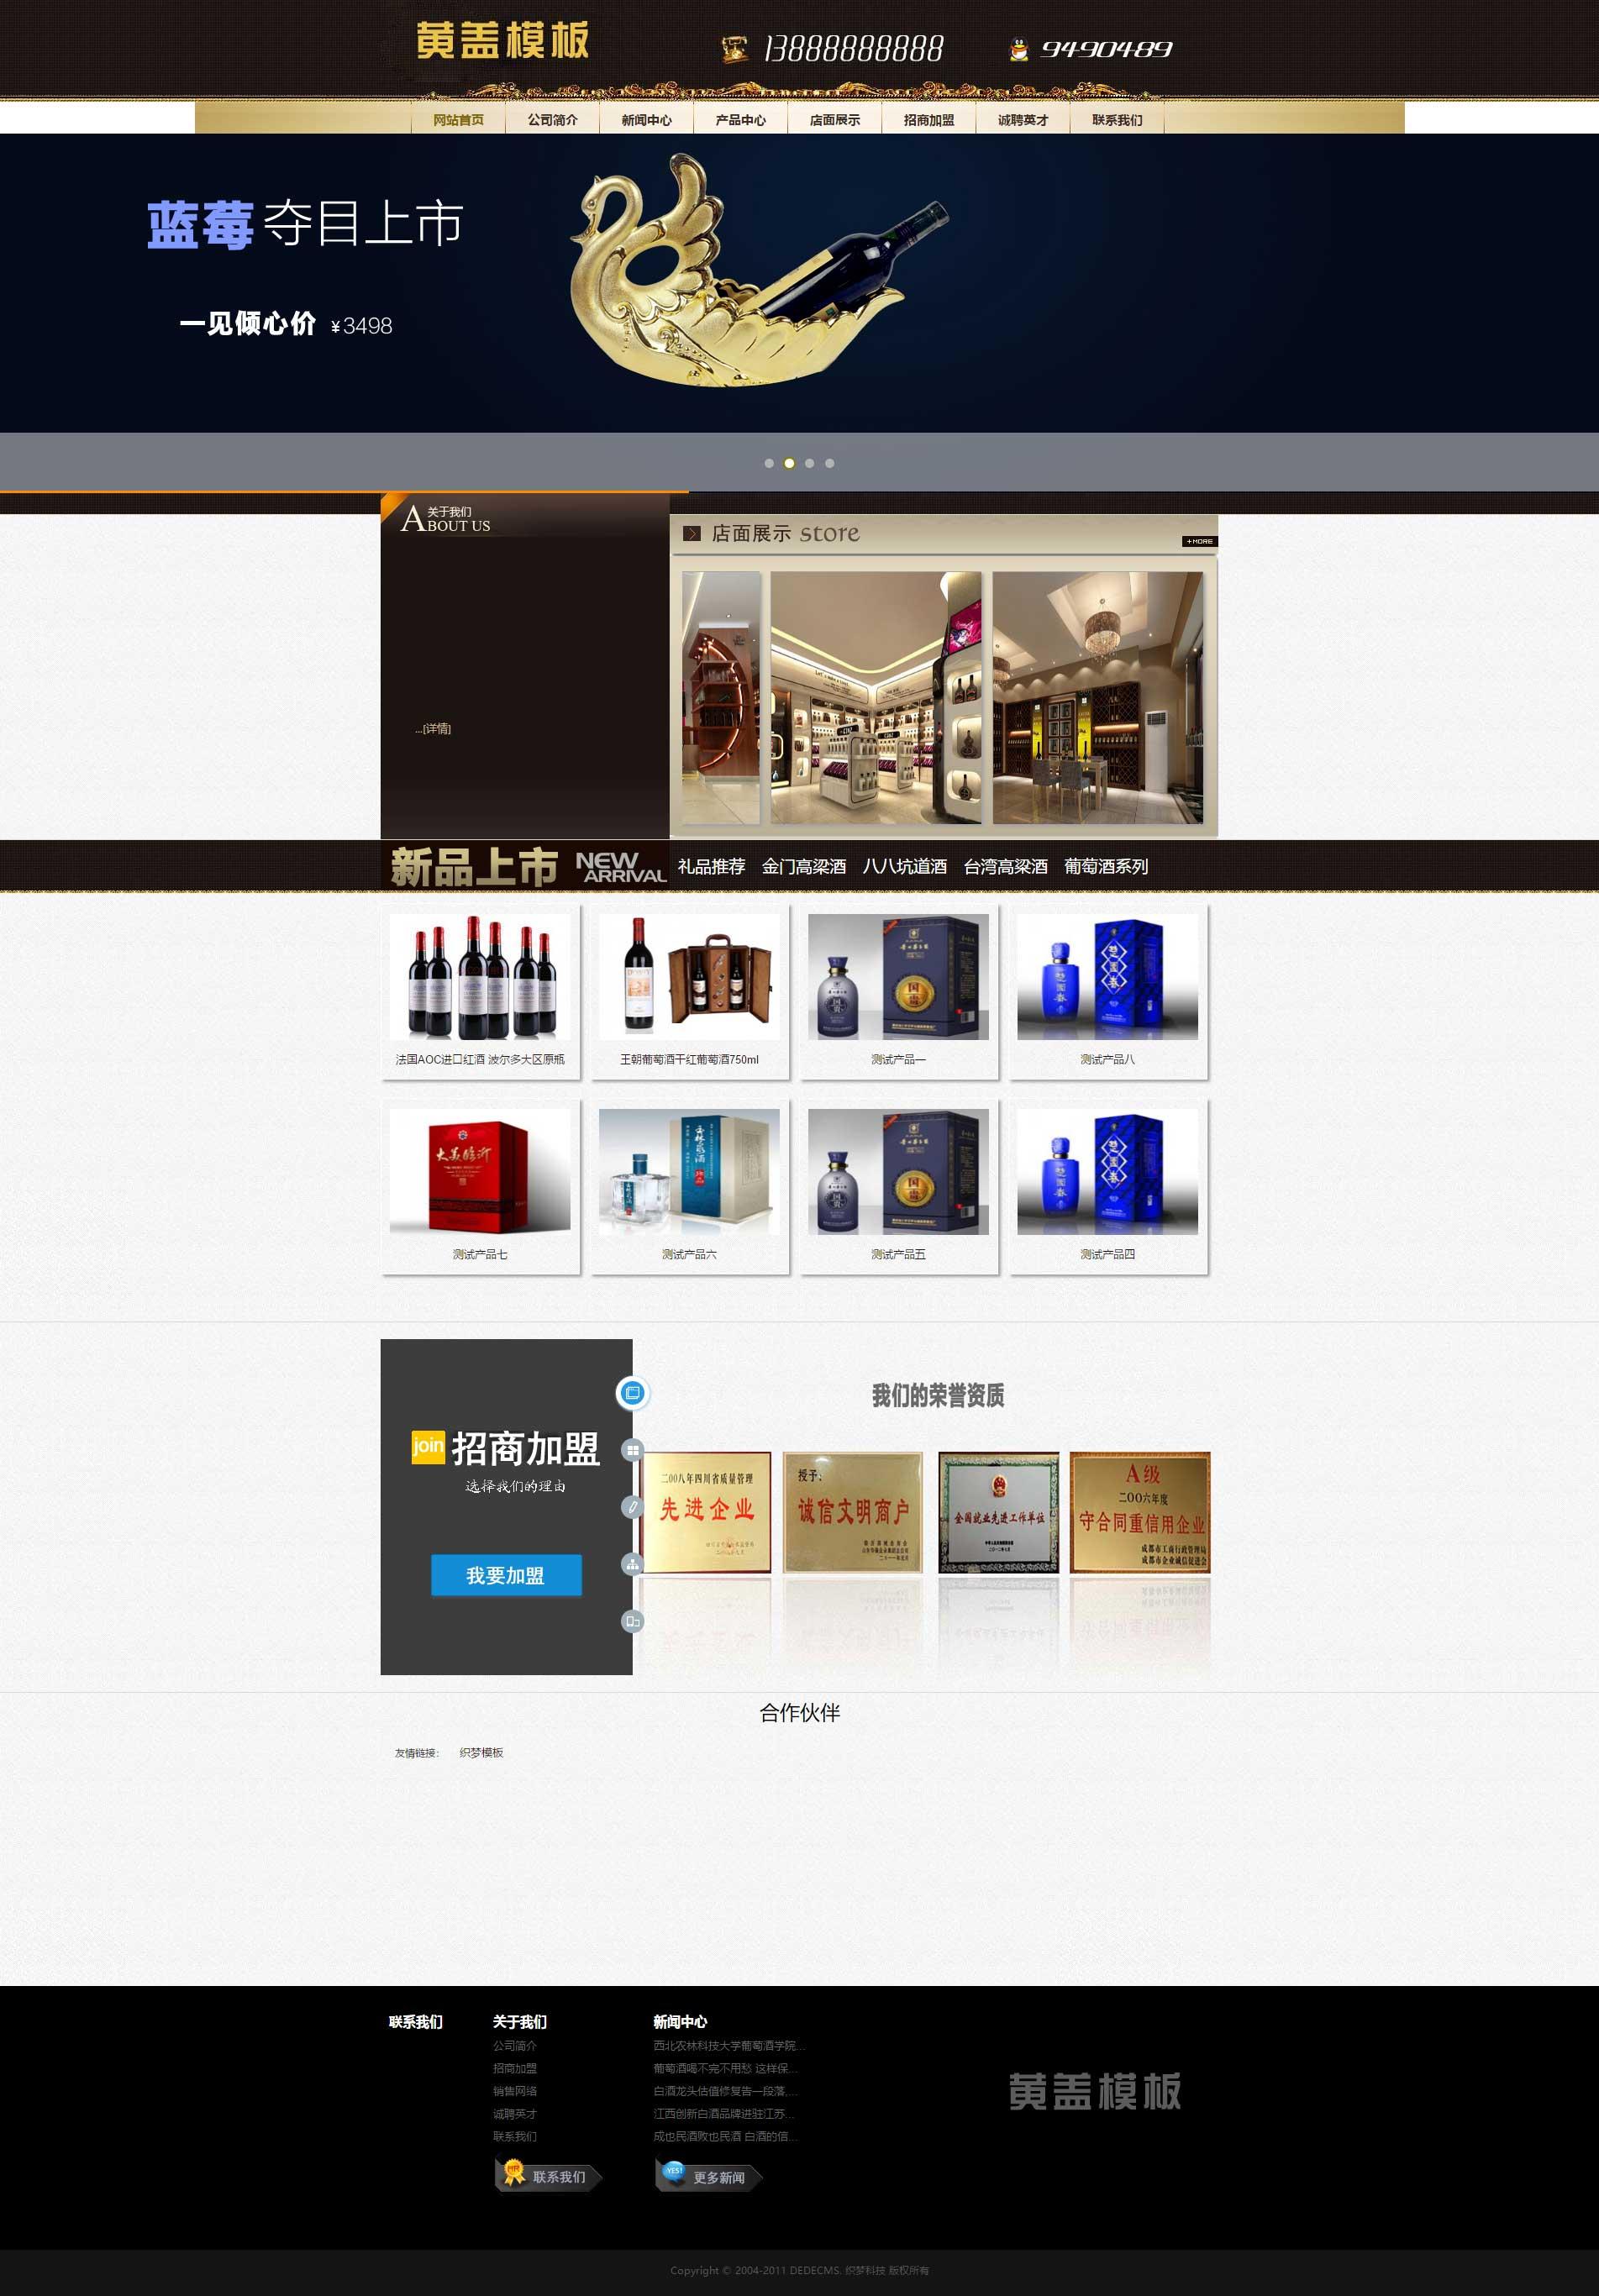 金色酒类企业源码 酒厂销售公司网站织梦源码(源码 模板)